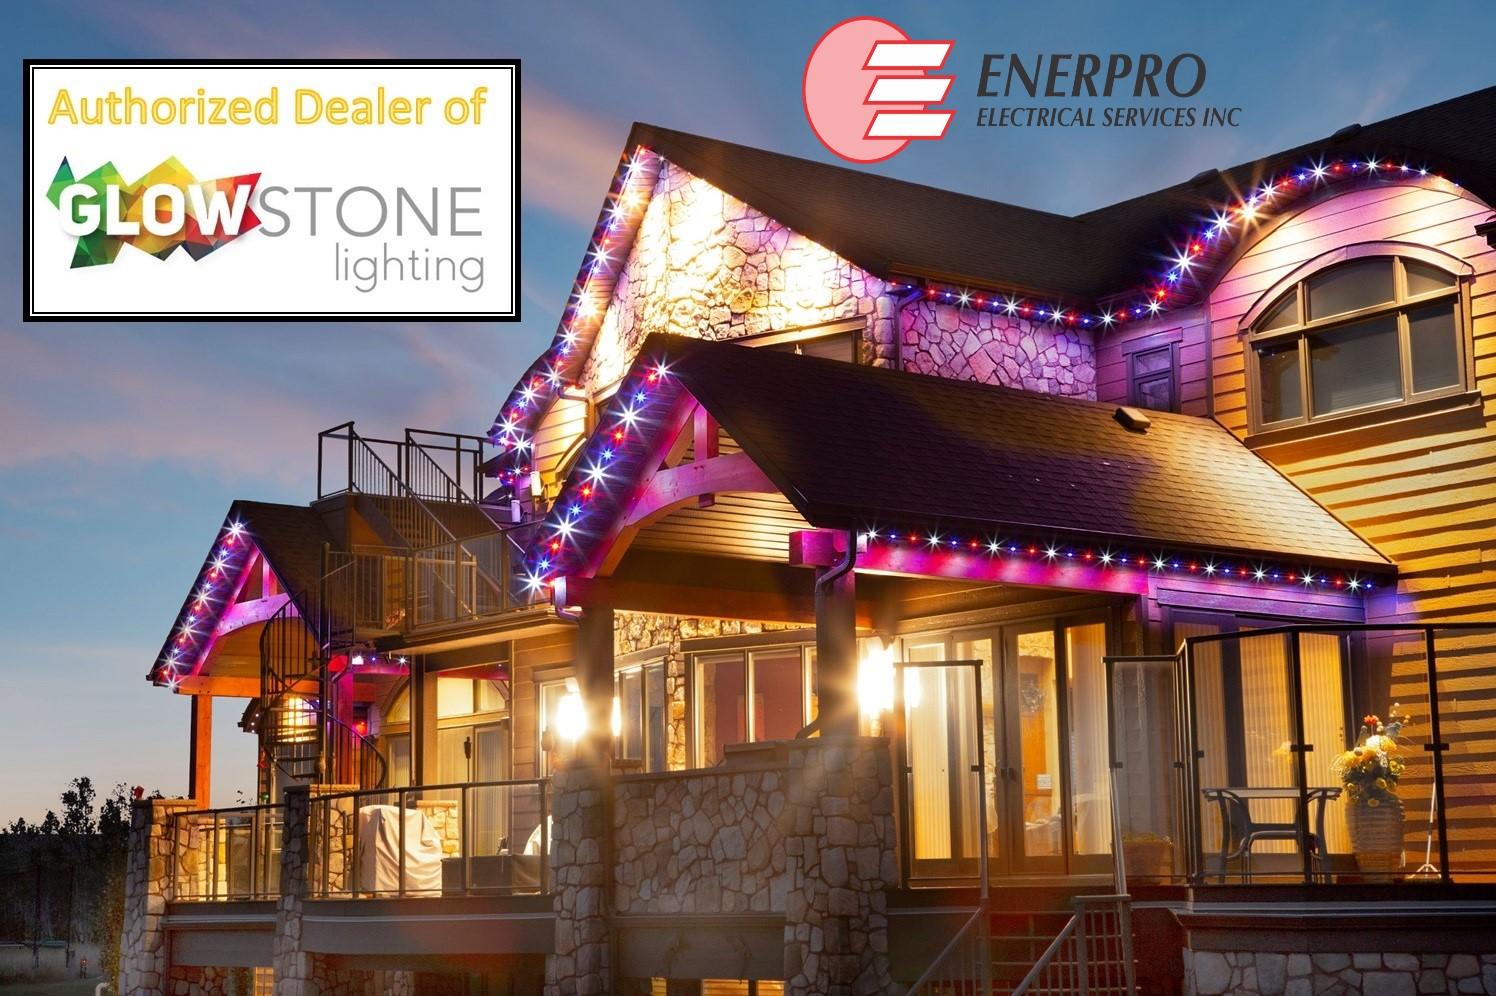 Authorized Dealer Image Enerpro_1610652402053